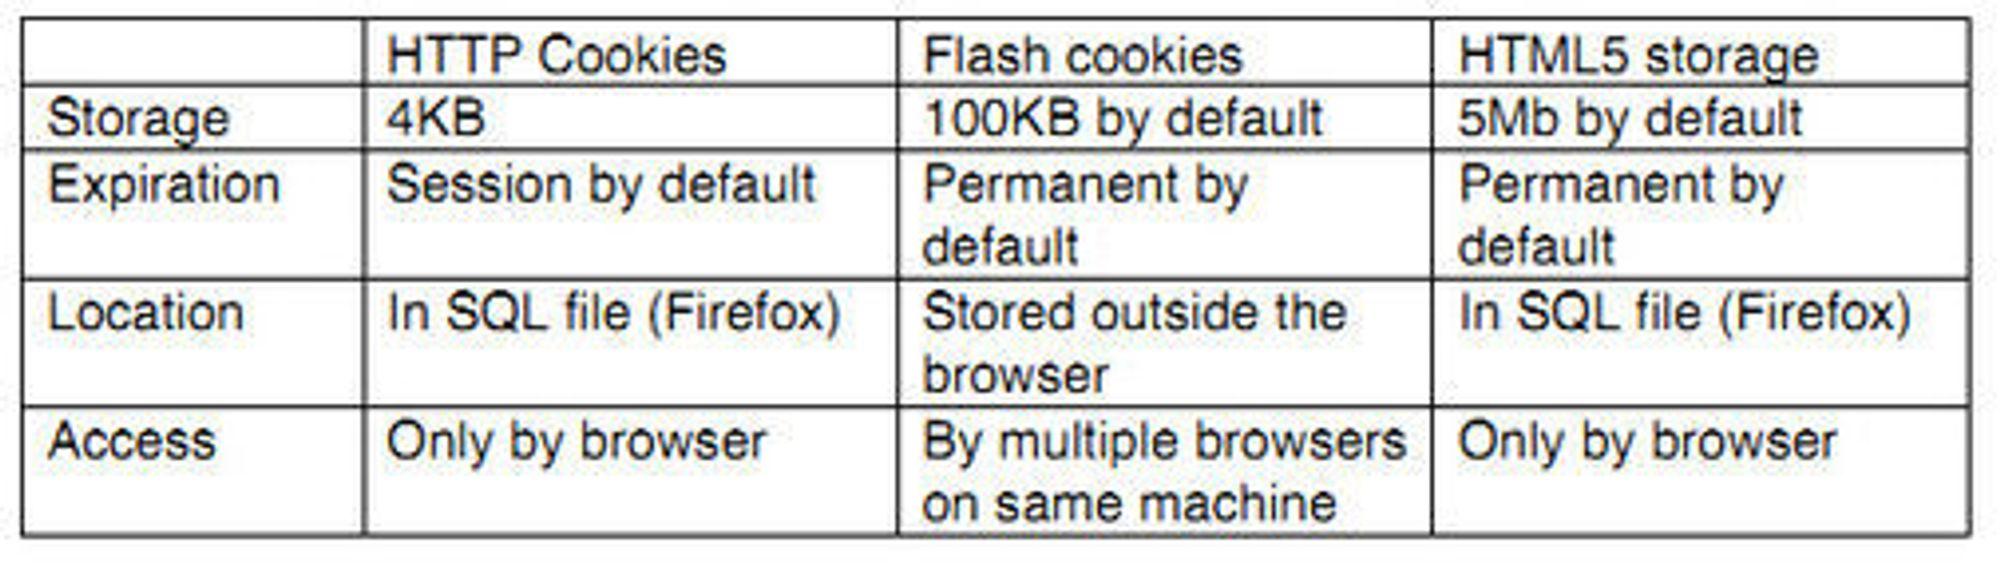 Karakteristikken til tre av de ulike typene cookies som omtales i artikkelen.